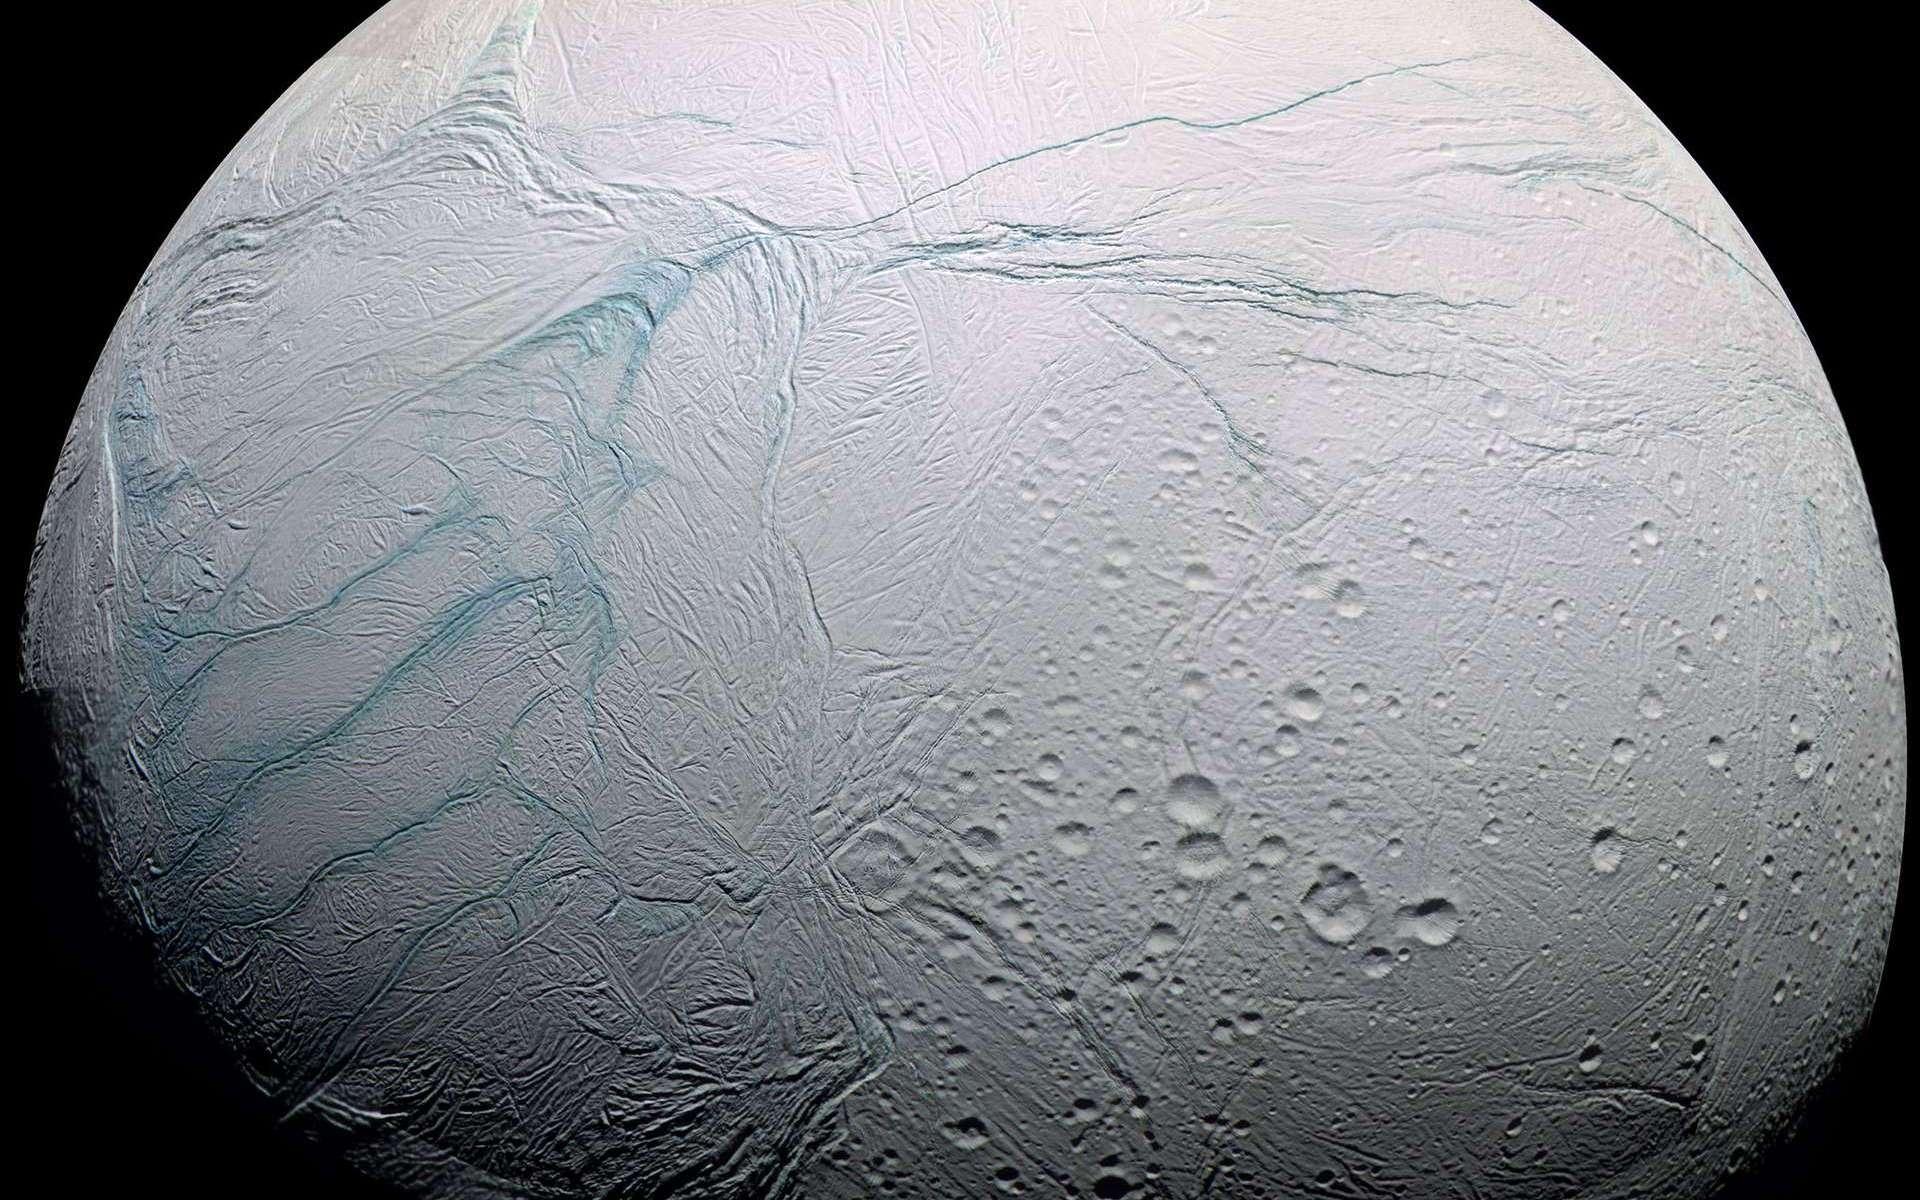 Une vue de la surface d'Encelade. © Nasa